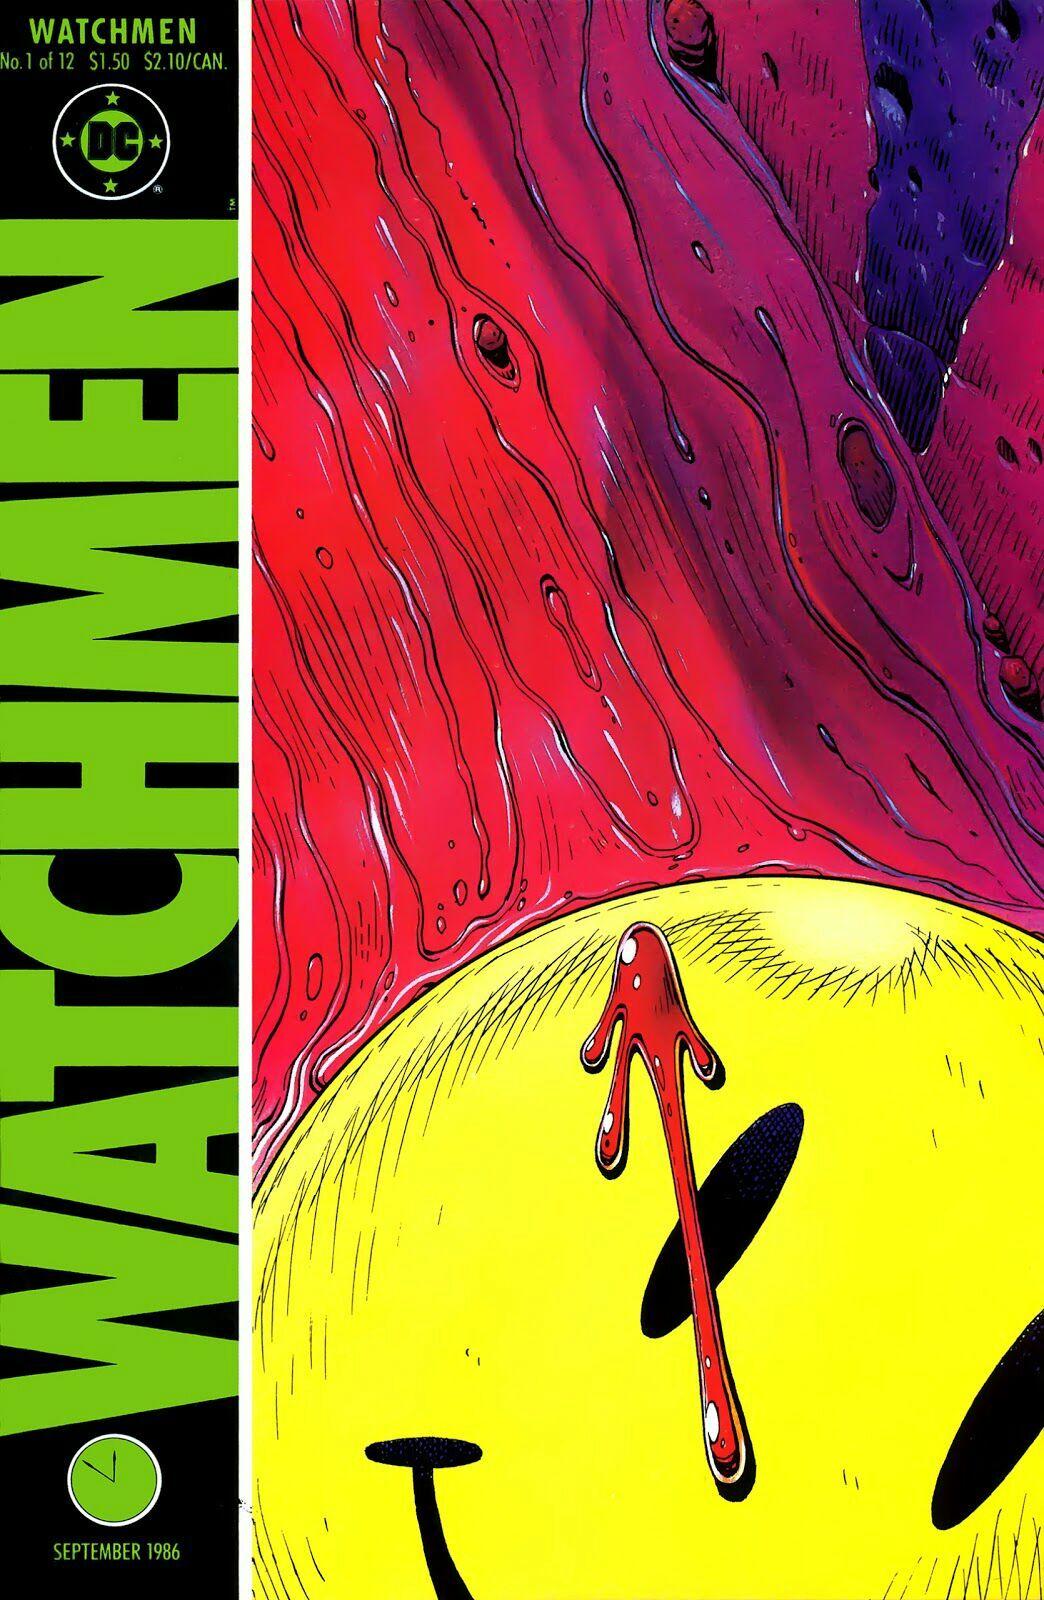 Watchmen 1986